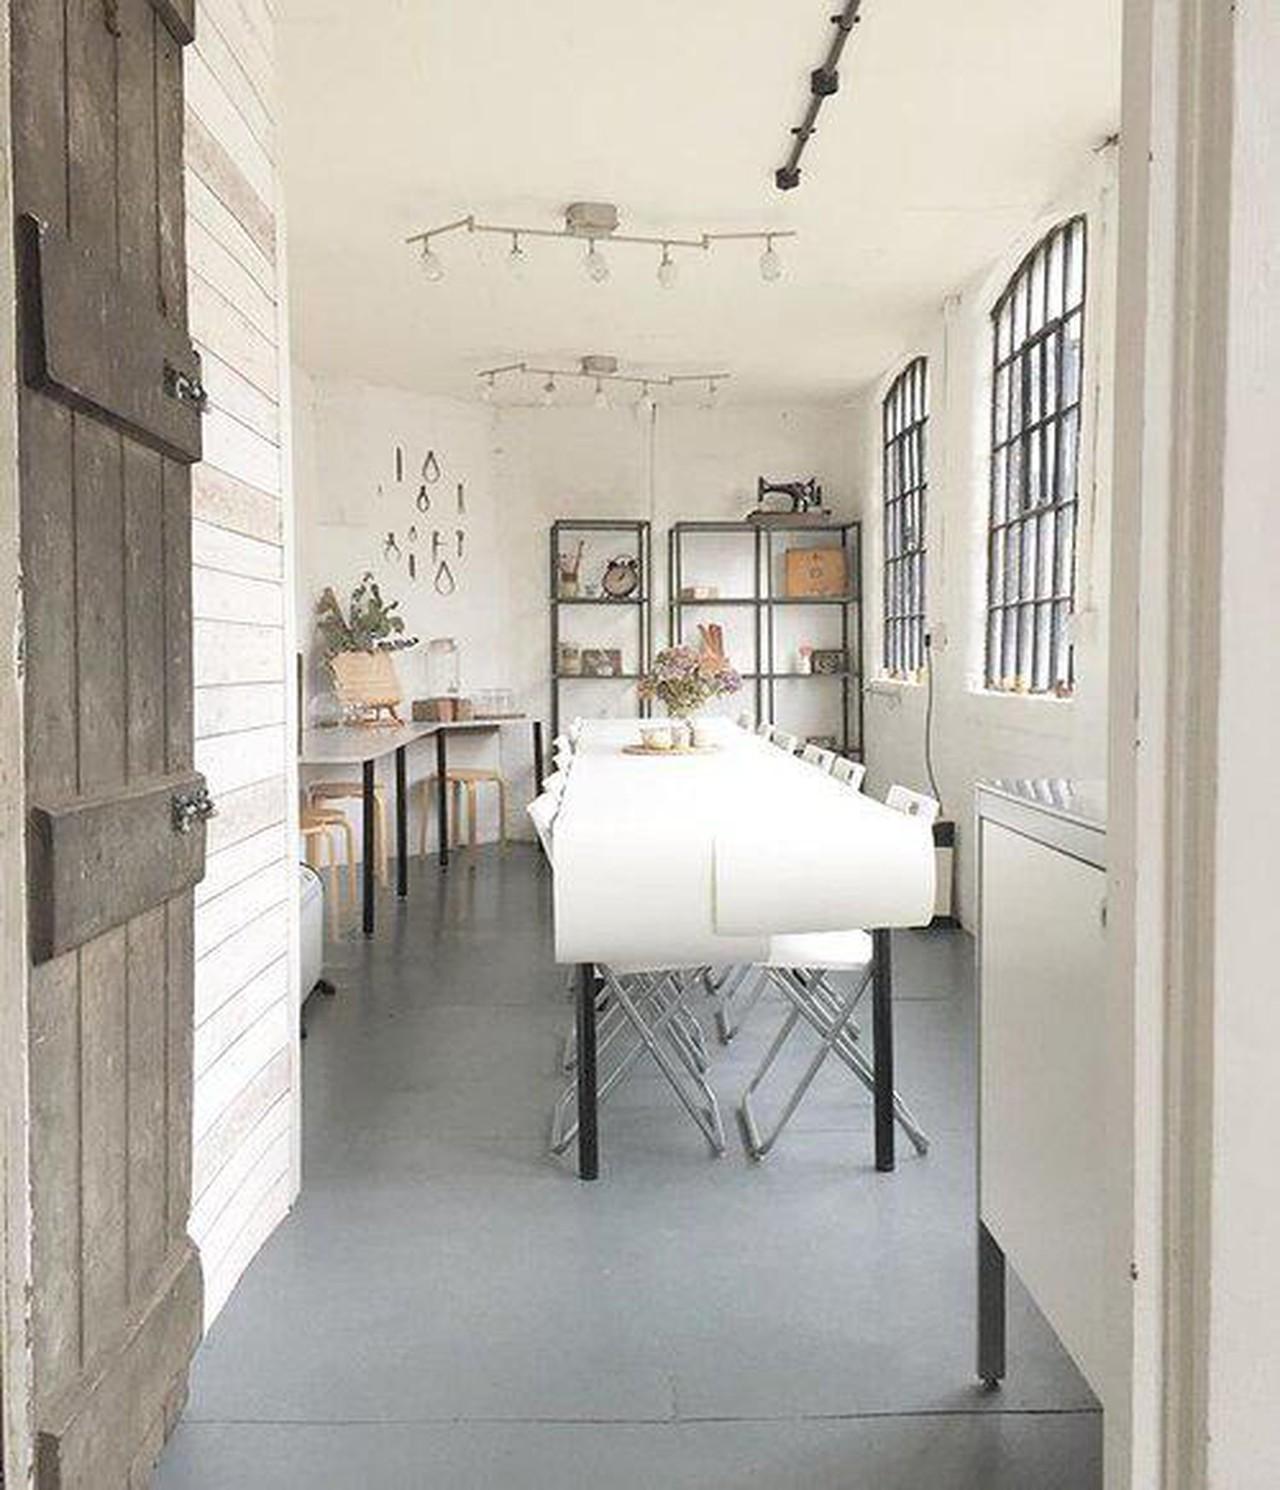 Birmingham workshop spaces Lieu historique The Crafts Collective image 0